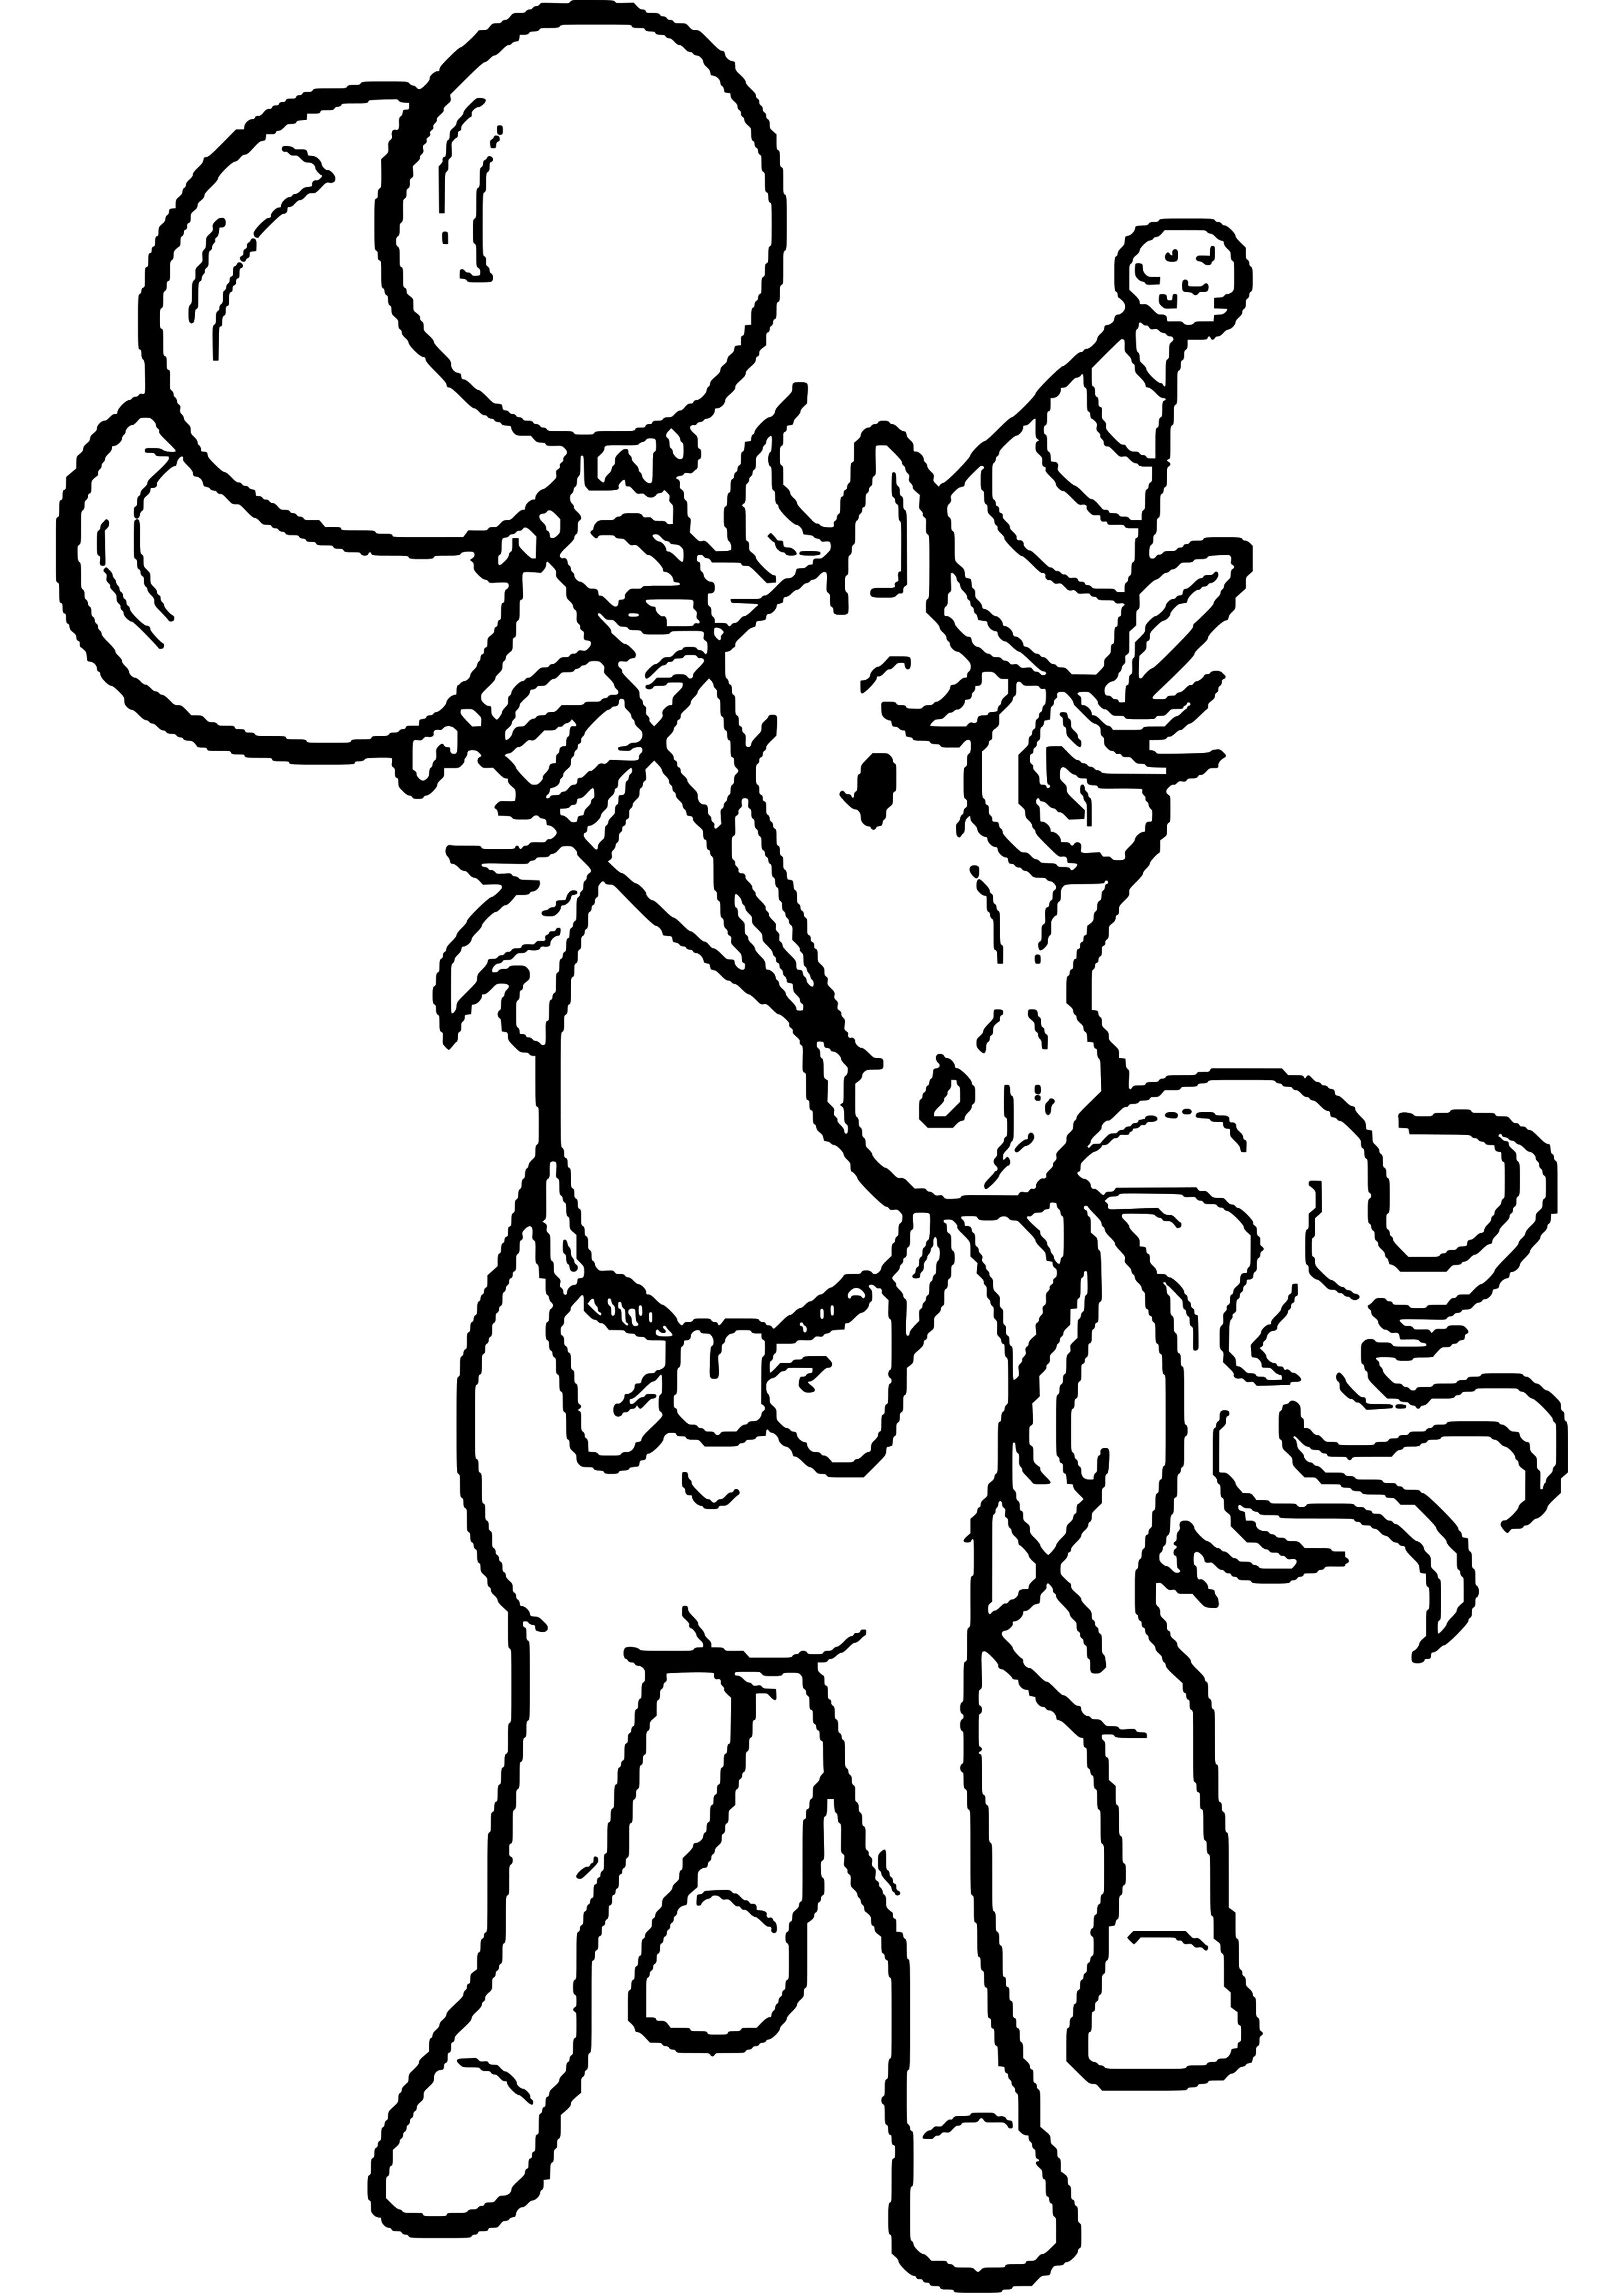 Ausmalbilder Geburtstag : Ausmalbilder Pferde Geburtstag Diy Pinterest Ideas Para